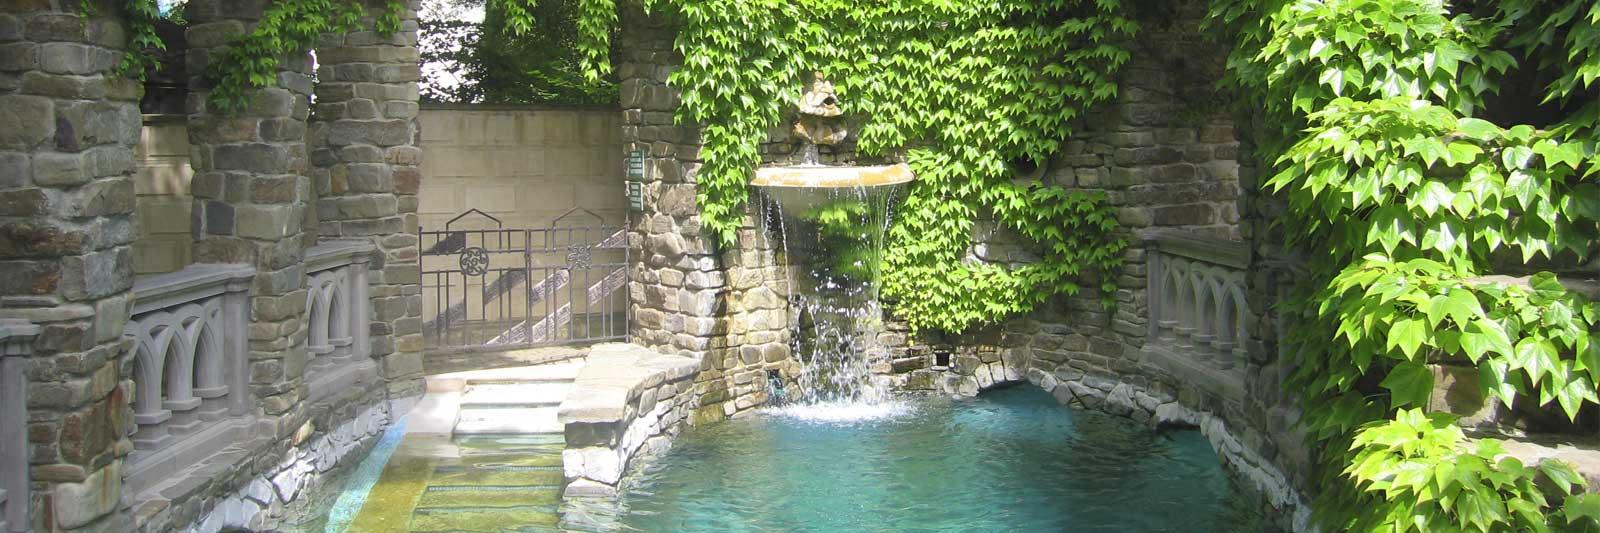 кабардинка экскурсии и развлечения цены 2016 Воды